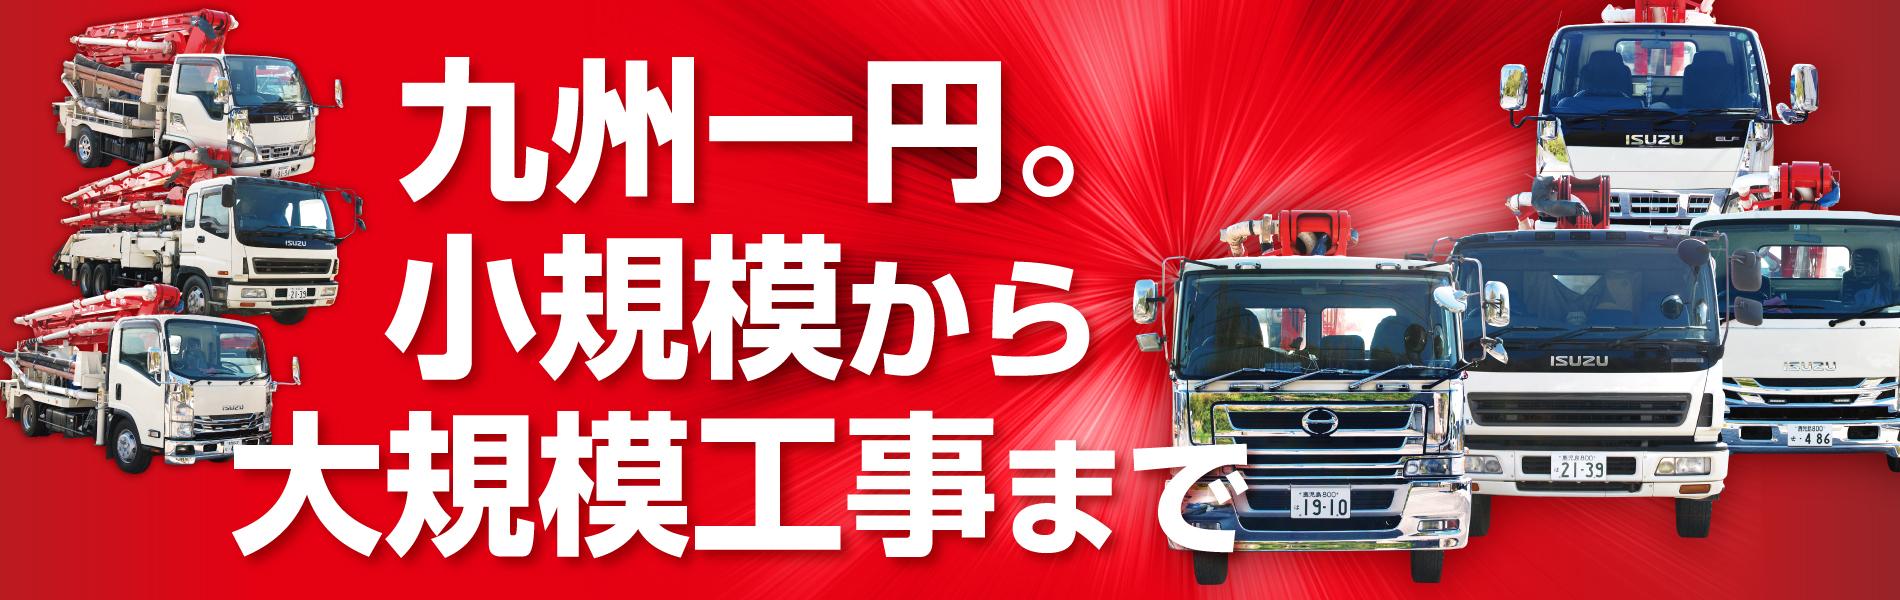 九州一円。小規模から大規模工事まで。